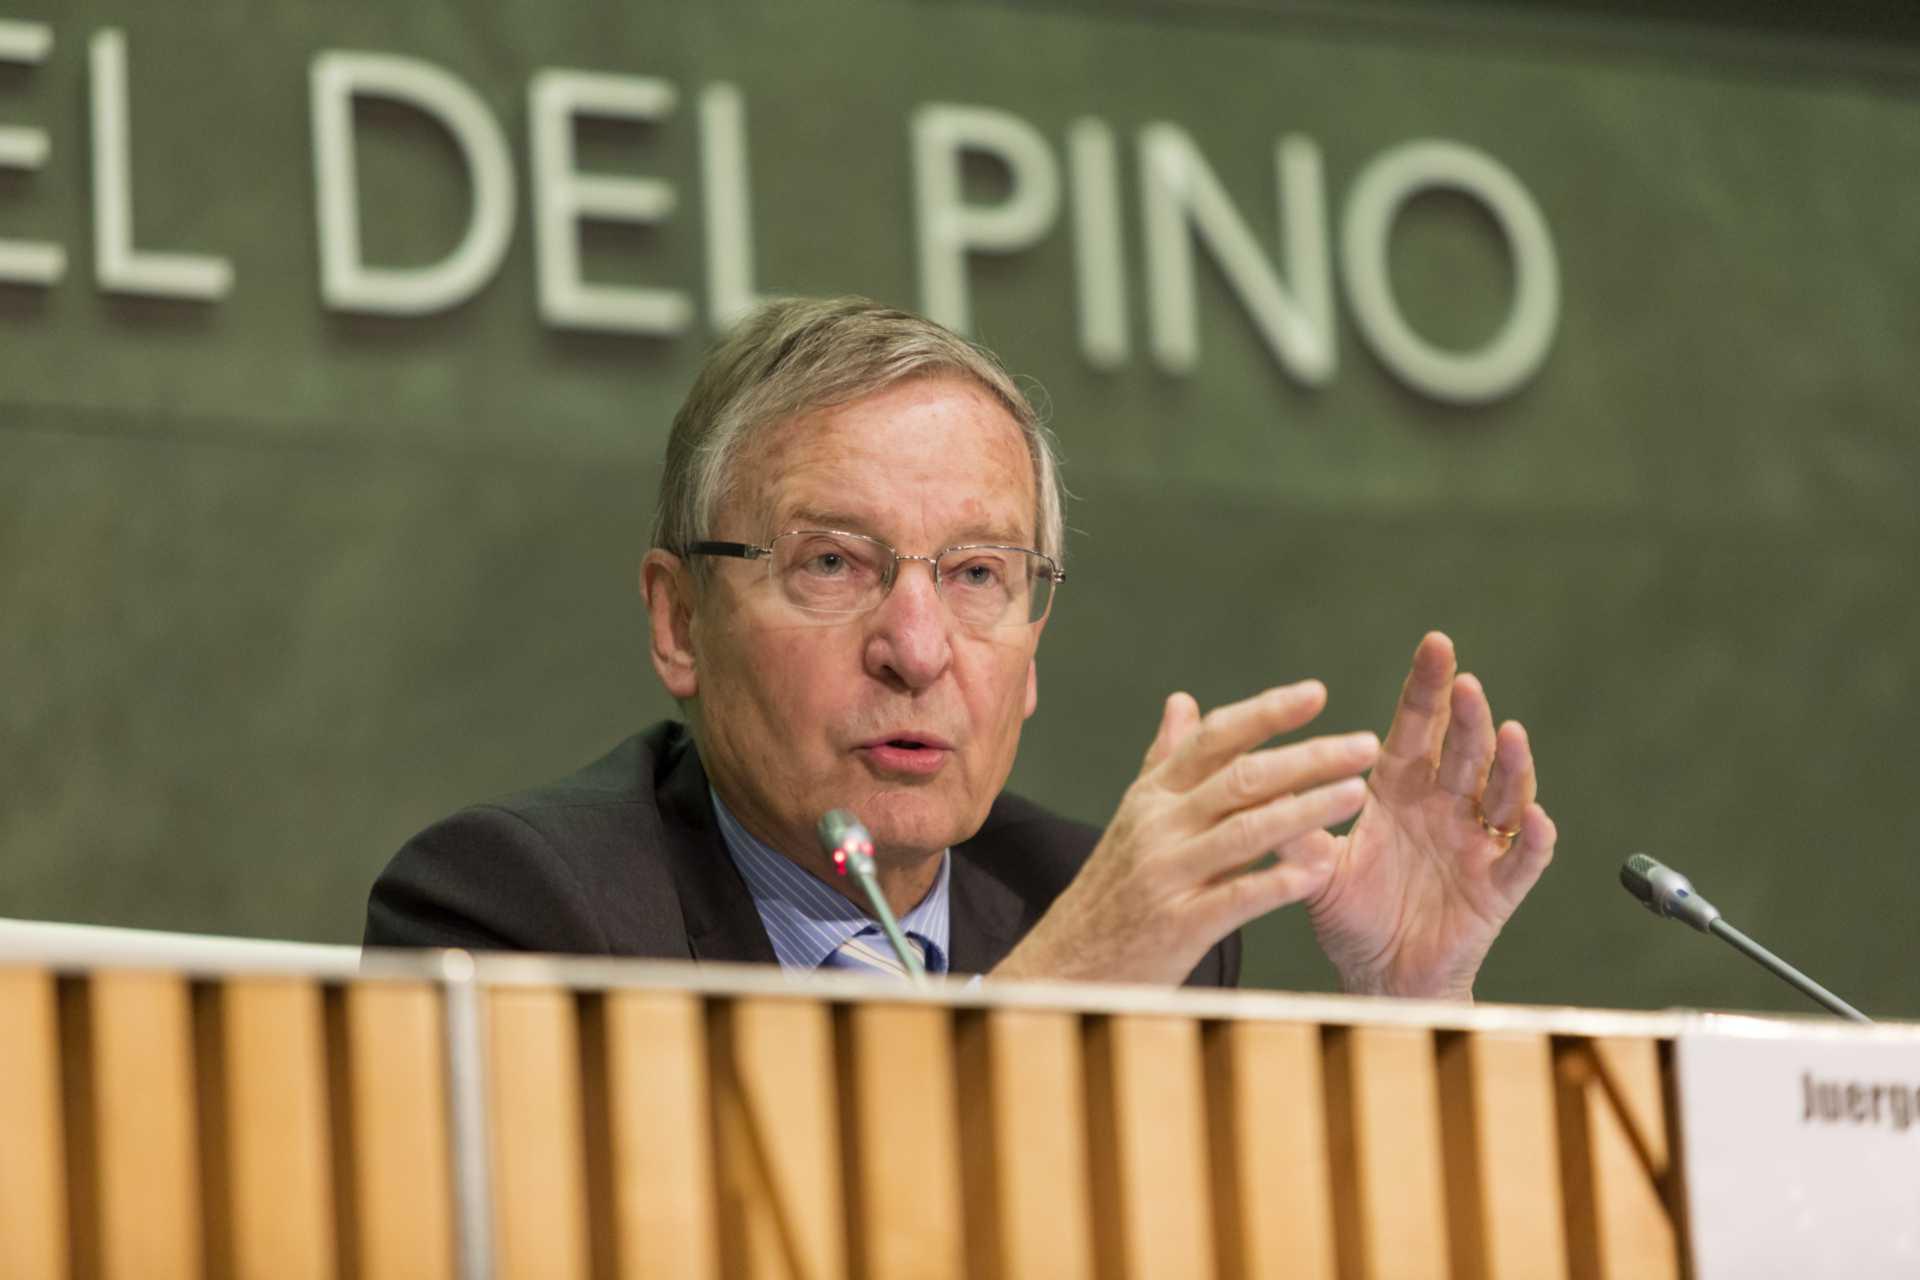 """La fundación Rafael del Pino la conferencia magistral de Juergen Donges """"Crecimiento o austeridad, un falso dilema""""  En Madrid el 25 de noviembre de 2014."""